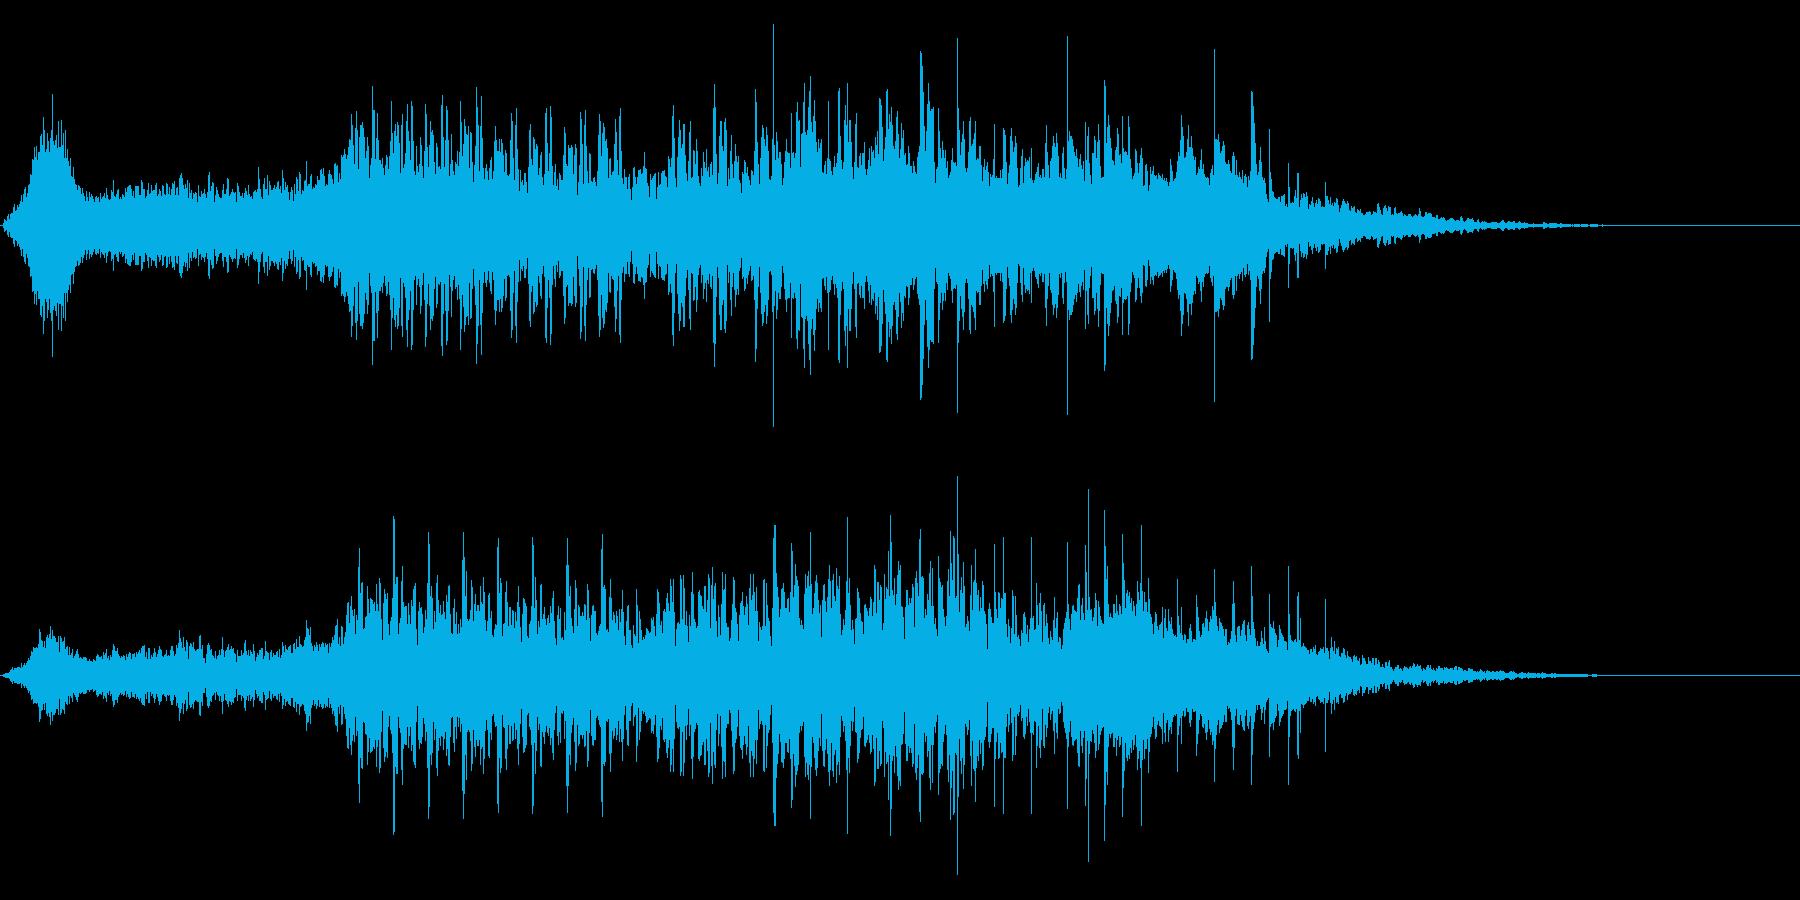 【ファンタジー】民族楽器・ストリングスの再生済みの波形